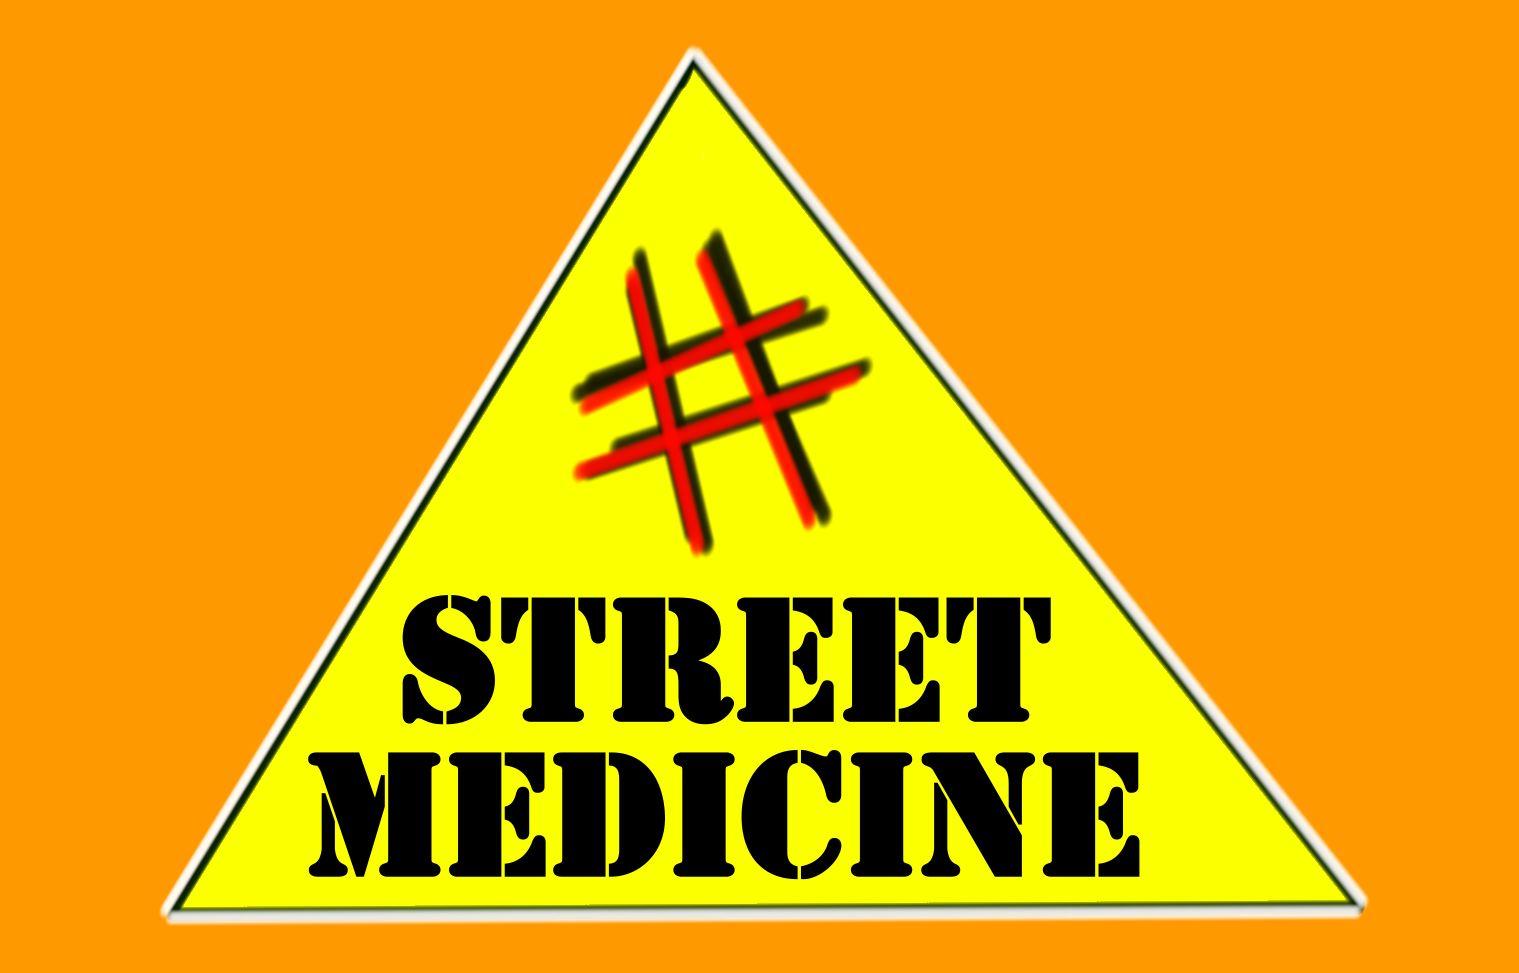 StreetMedicineLogo.jpg